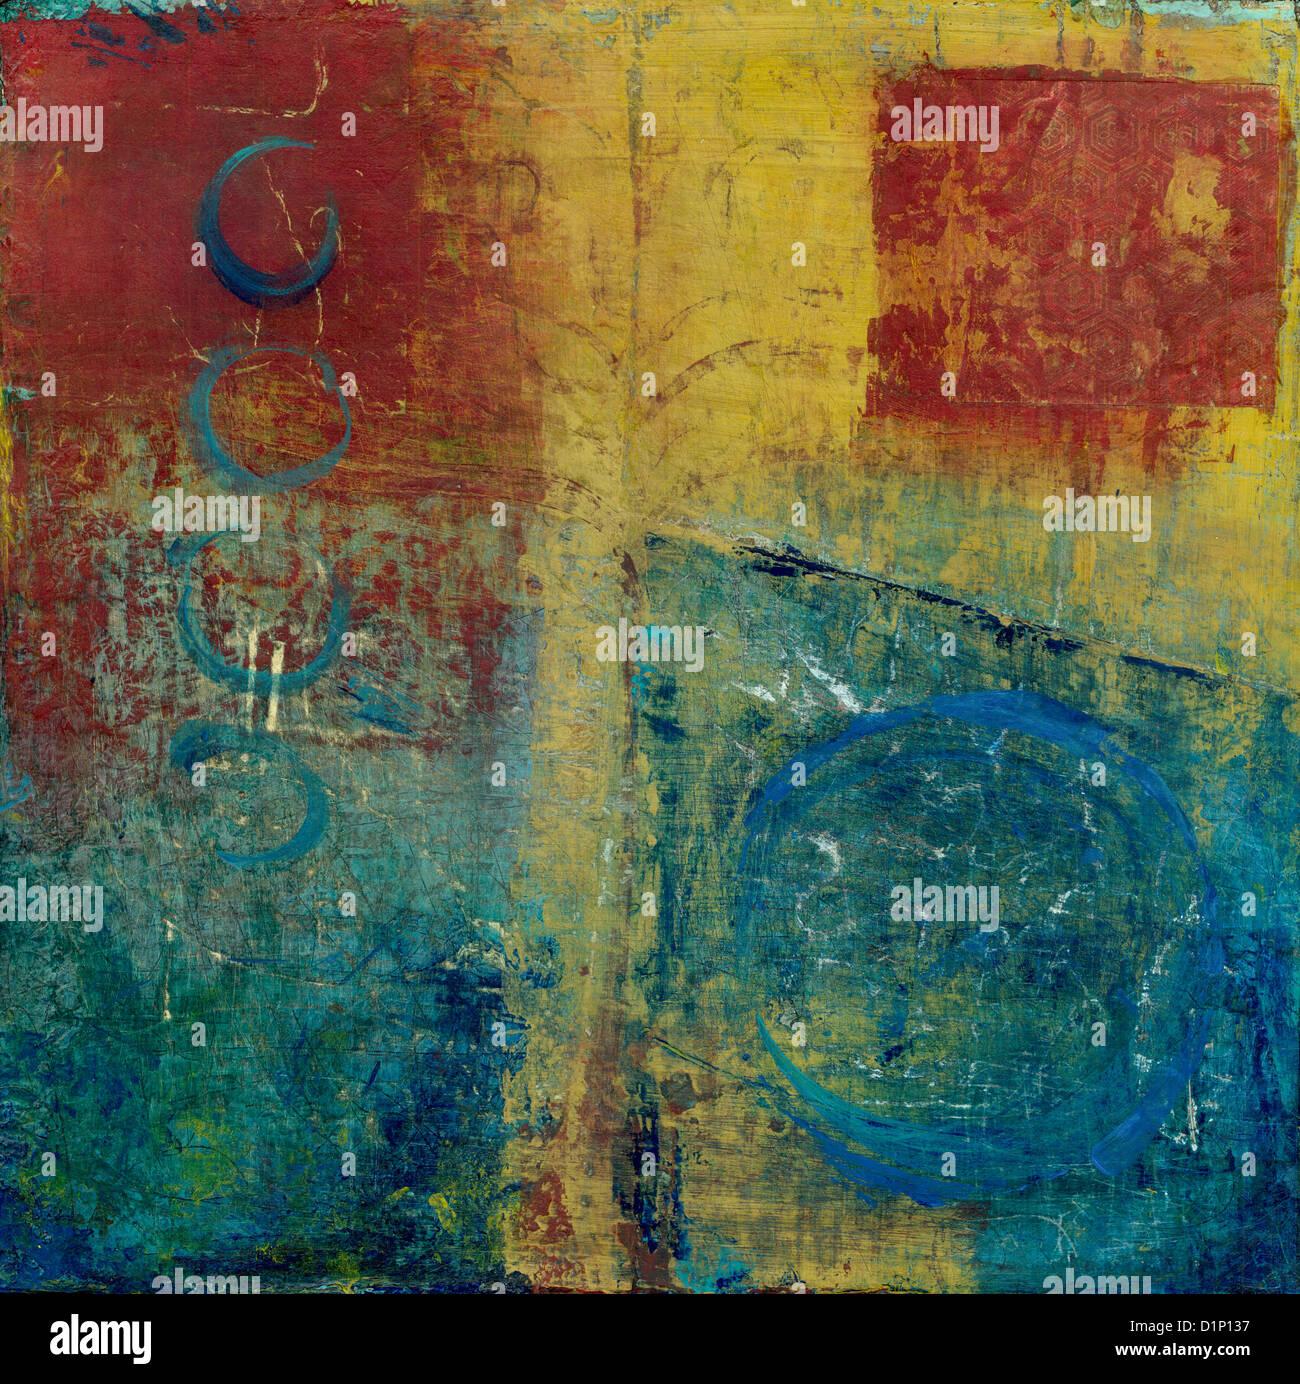 La peinture abstraite avec les couleurs rouge, bleu et jaune. Photo Stock